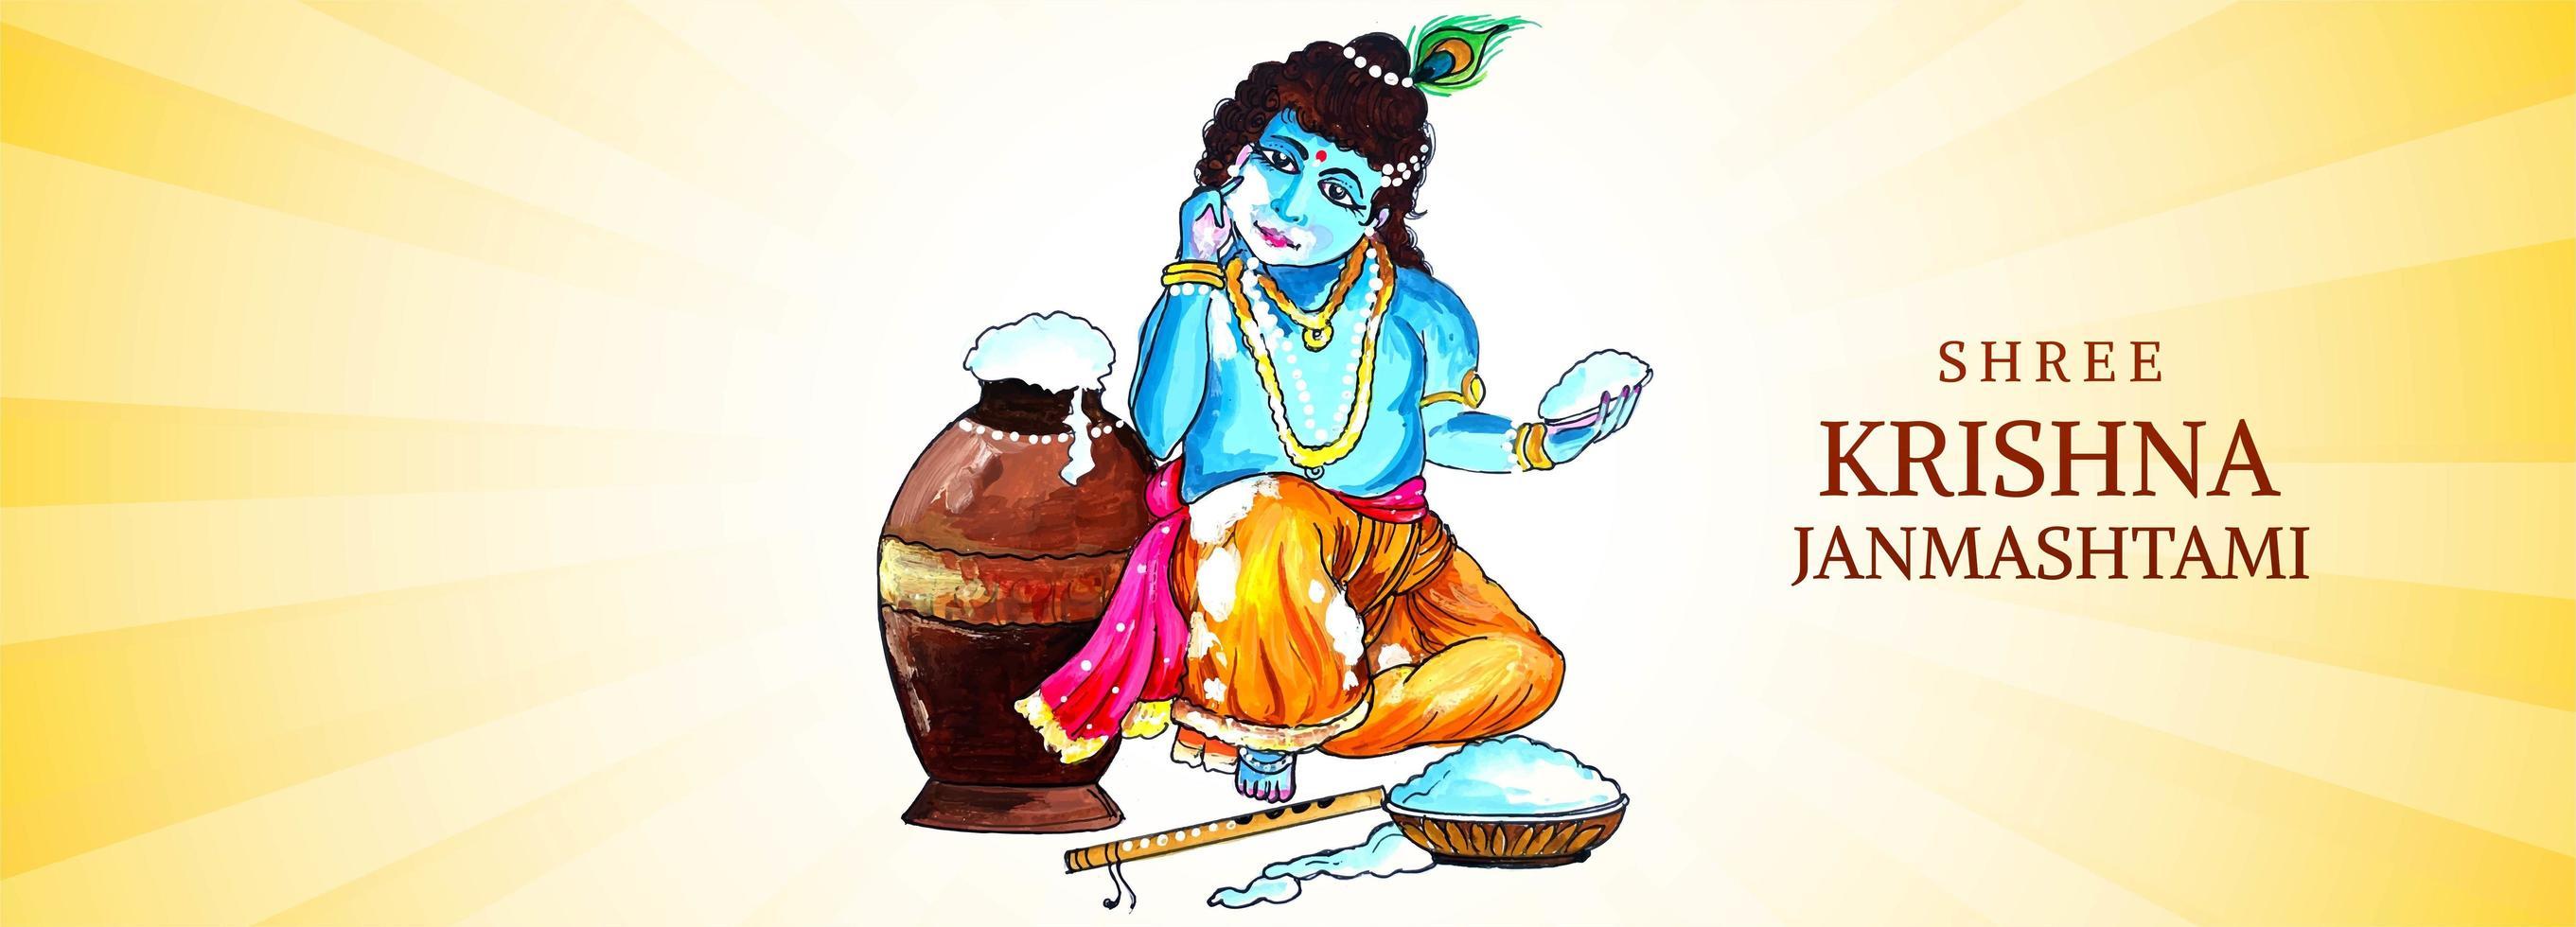 Lord Krishna con in mano una manciata di porridge janmashtami banner vettore